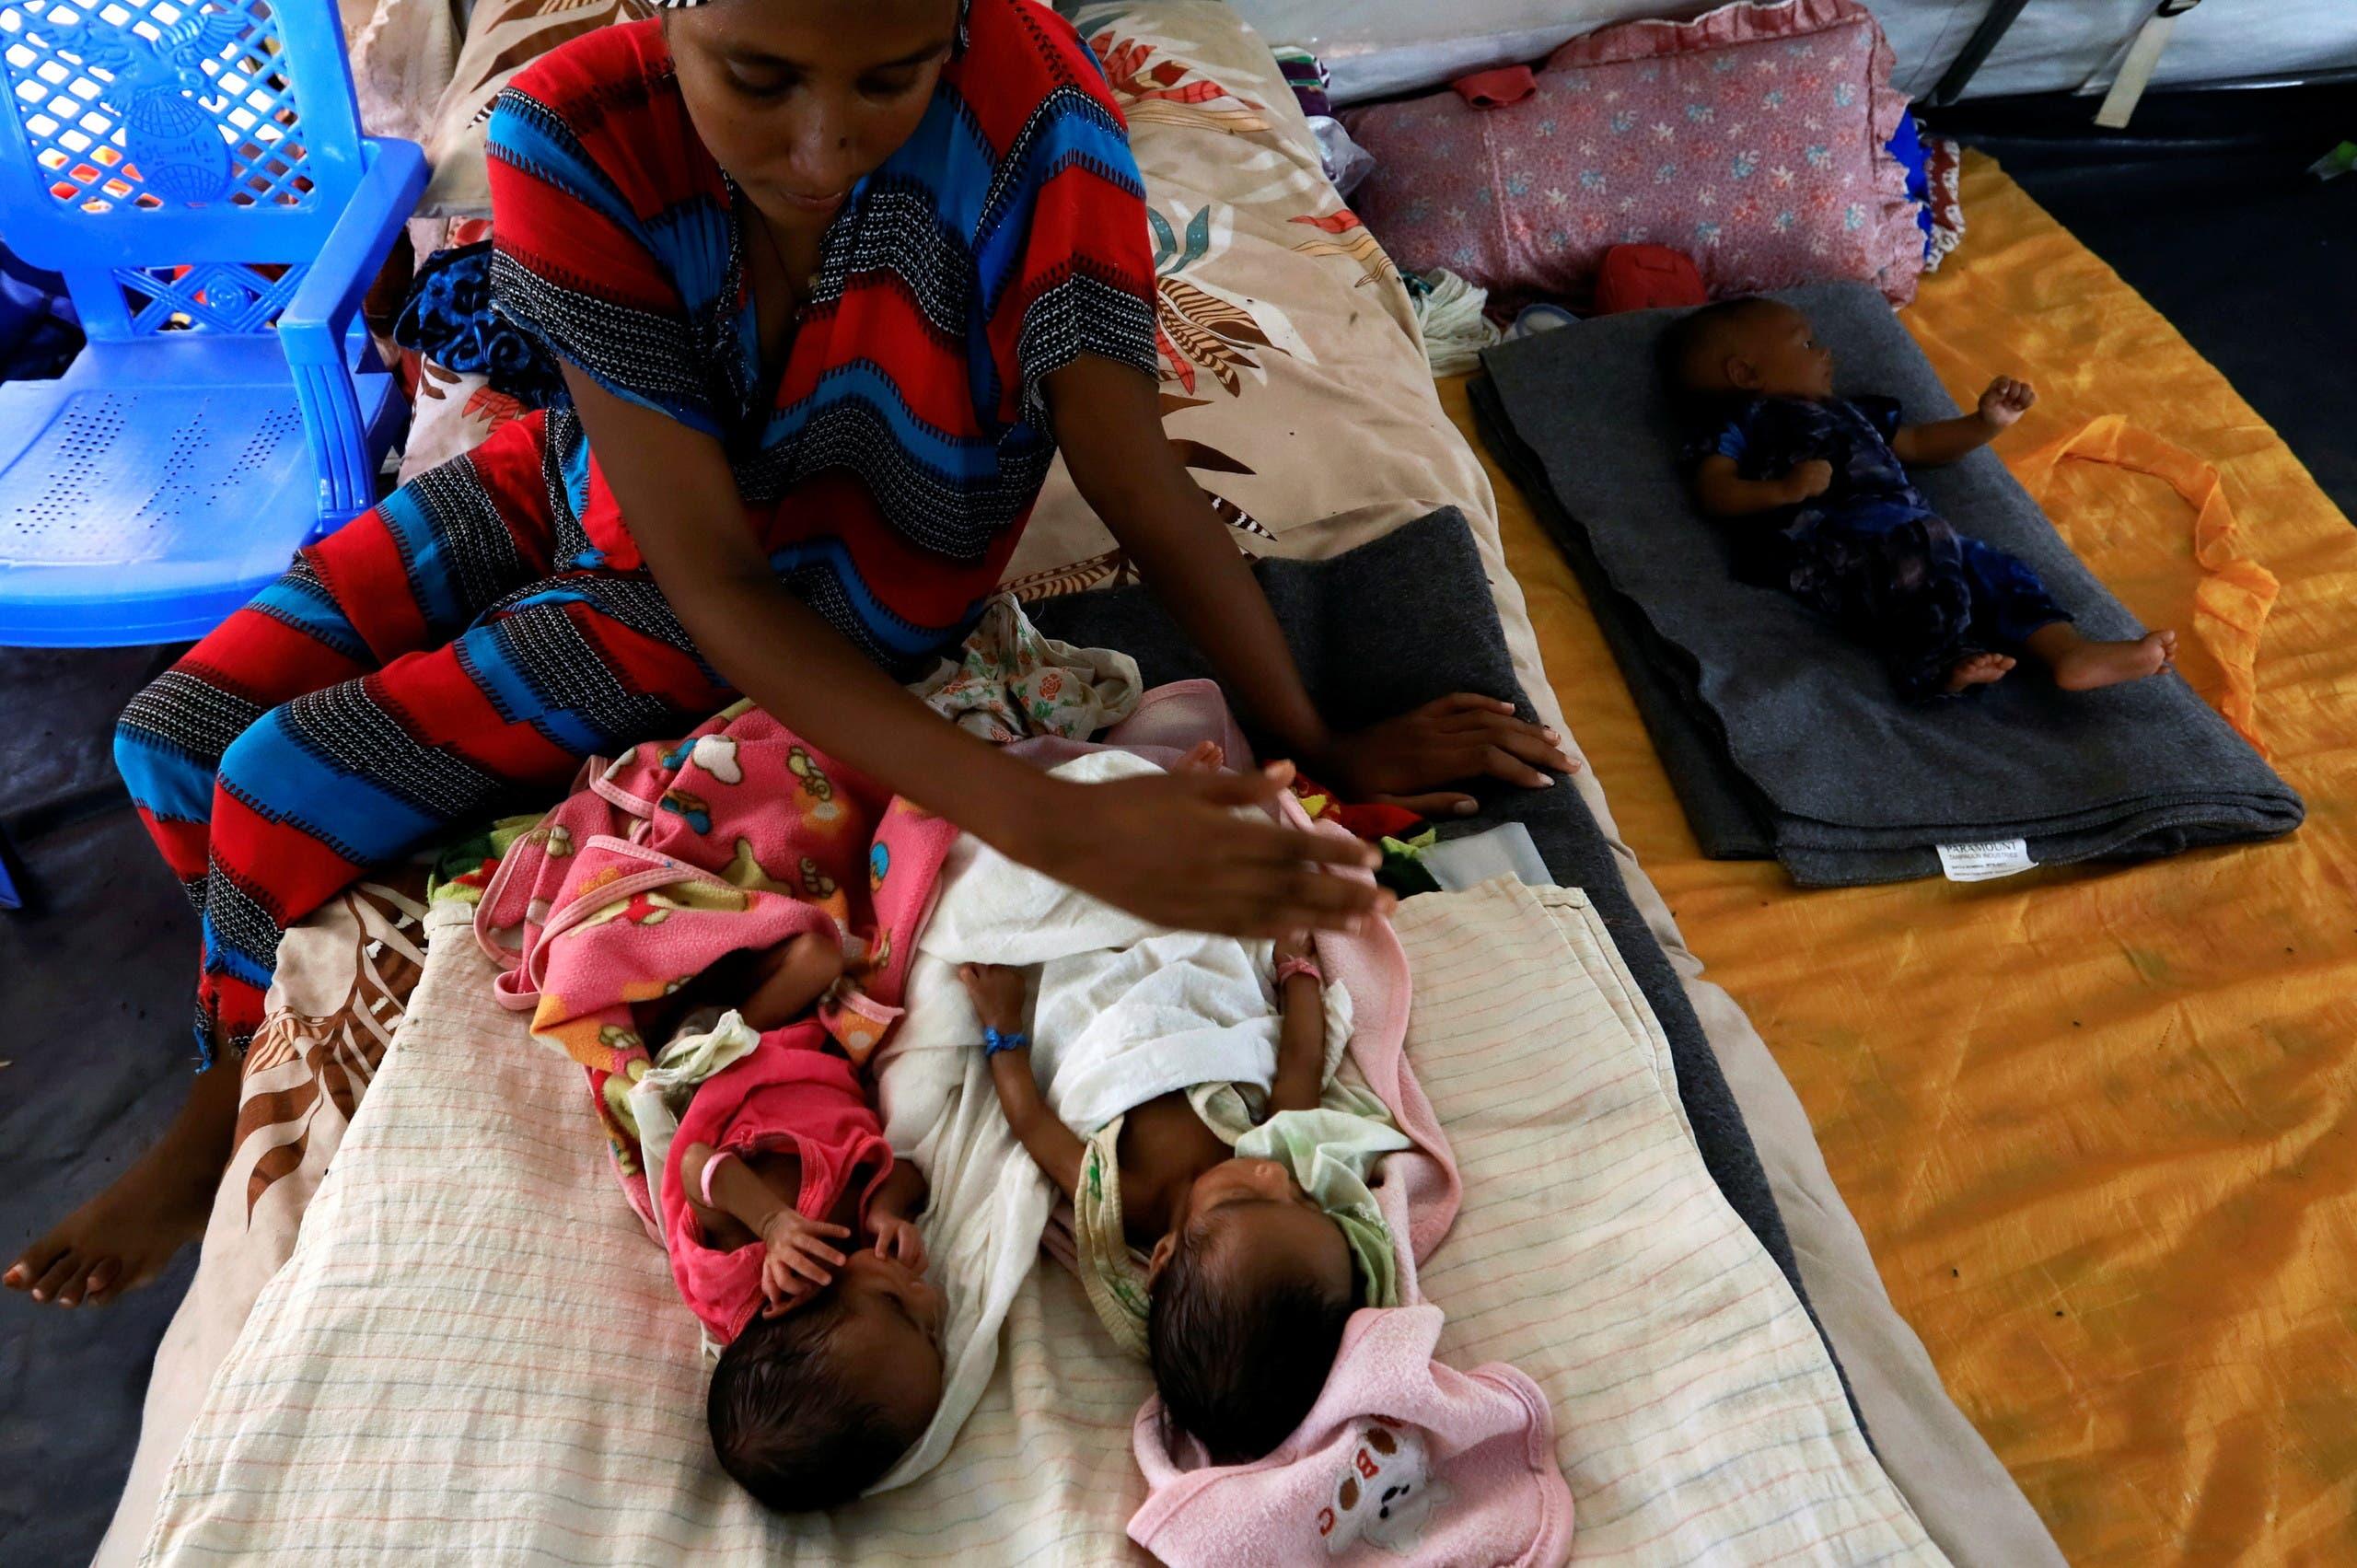 أم مع أطفالها في مستشفى بإقليم تيغراي الإثيوبي - رويترز